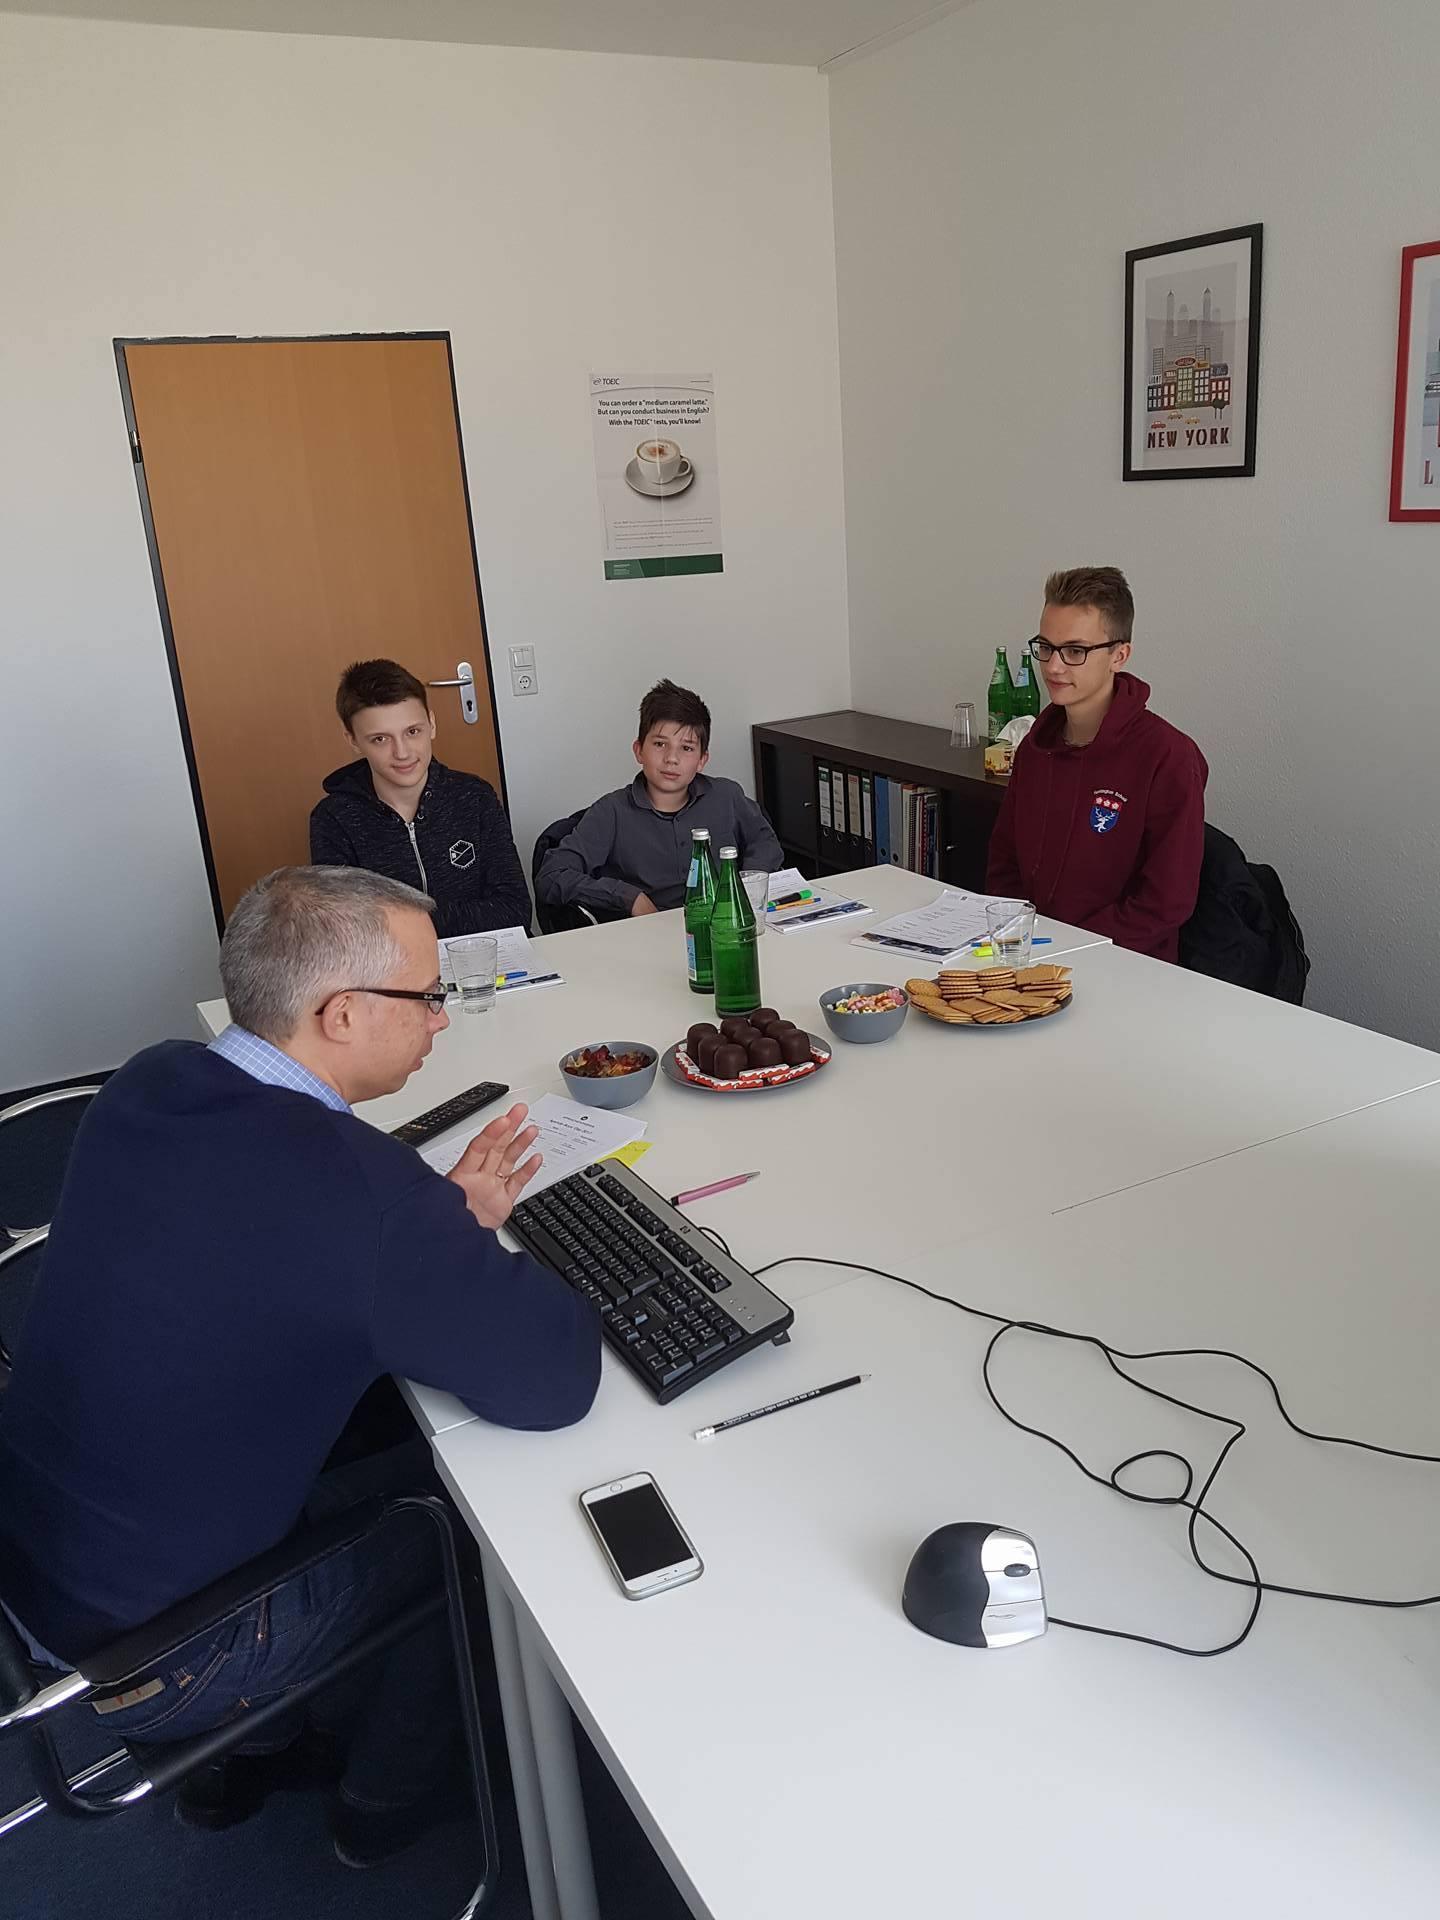 Jörg Vogt spricht mit den Teilnehmern des Boys' Day